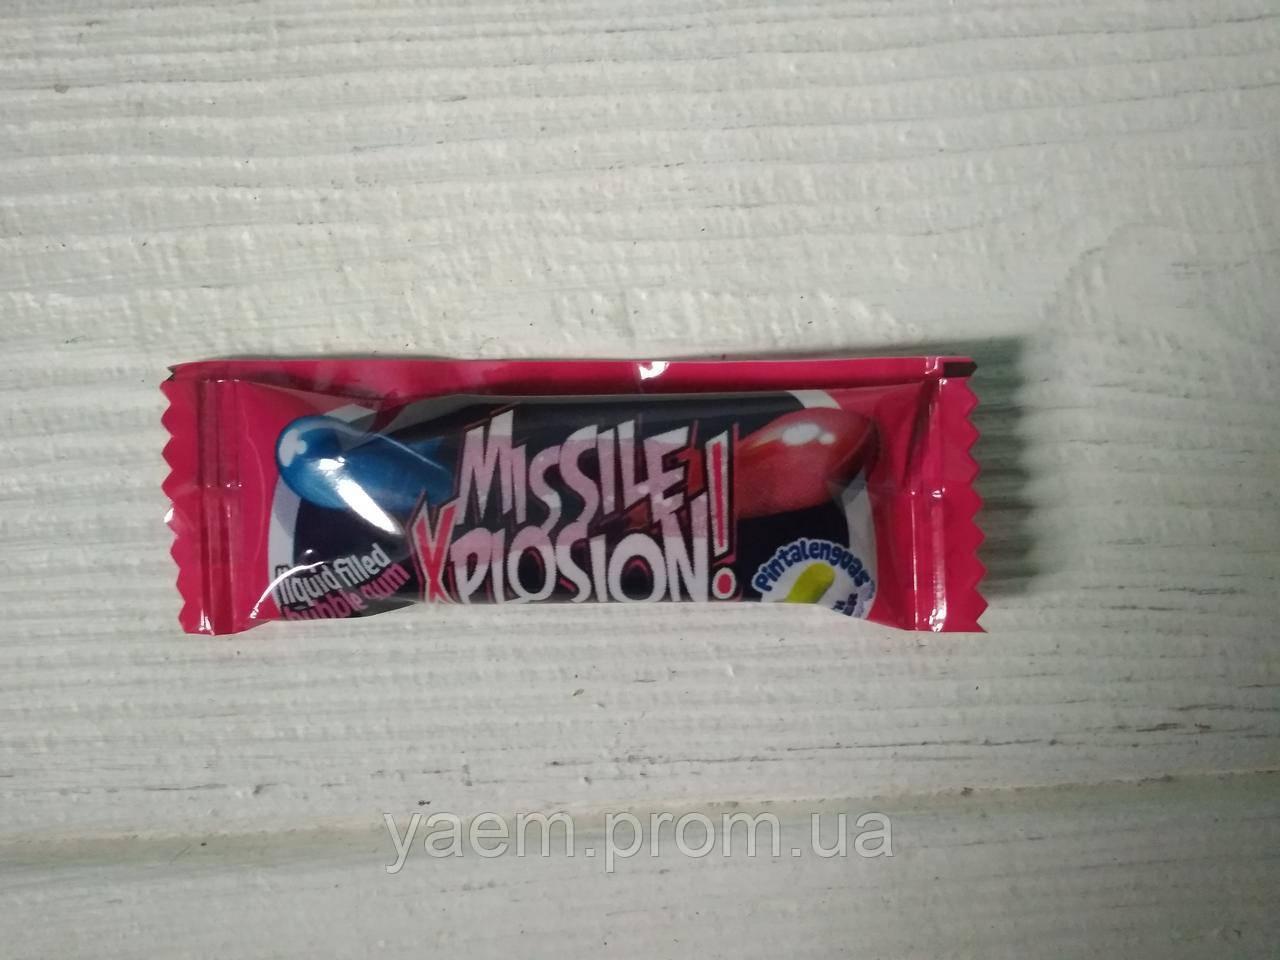 Жевательная резинка Fini Missile Xplosion 5гр (Испания)